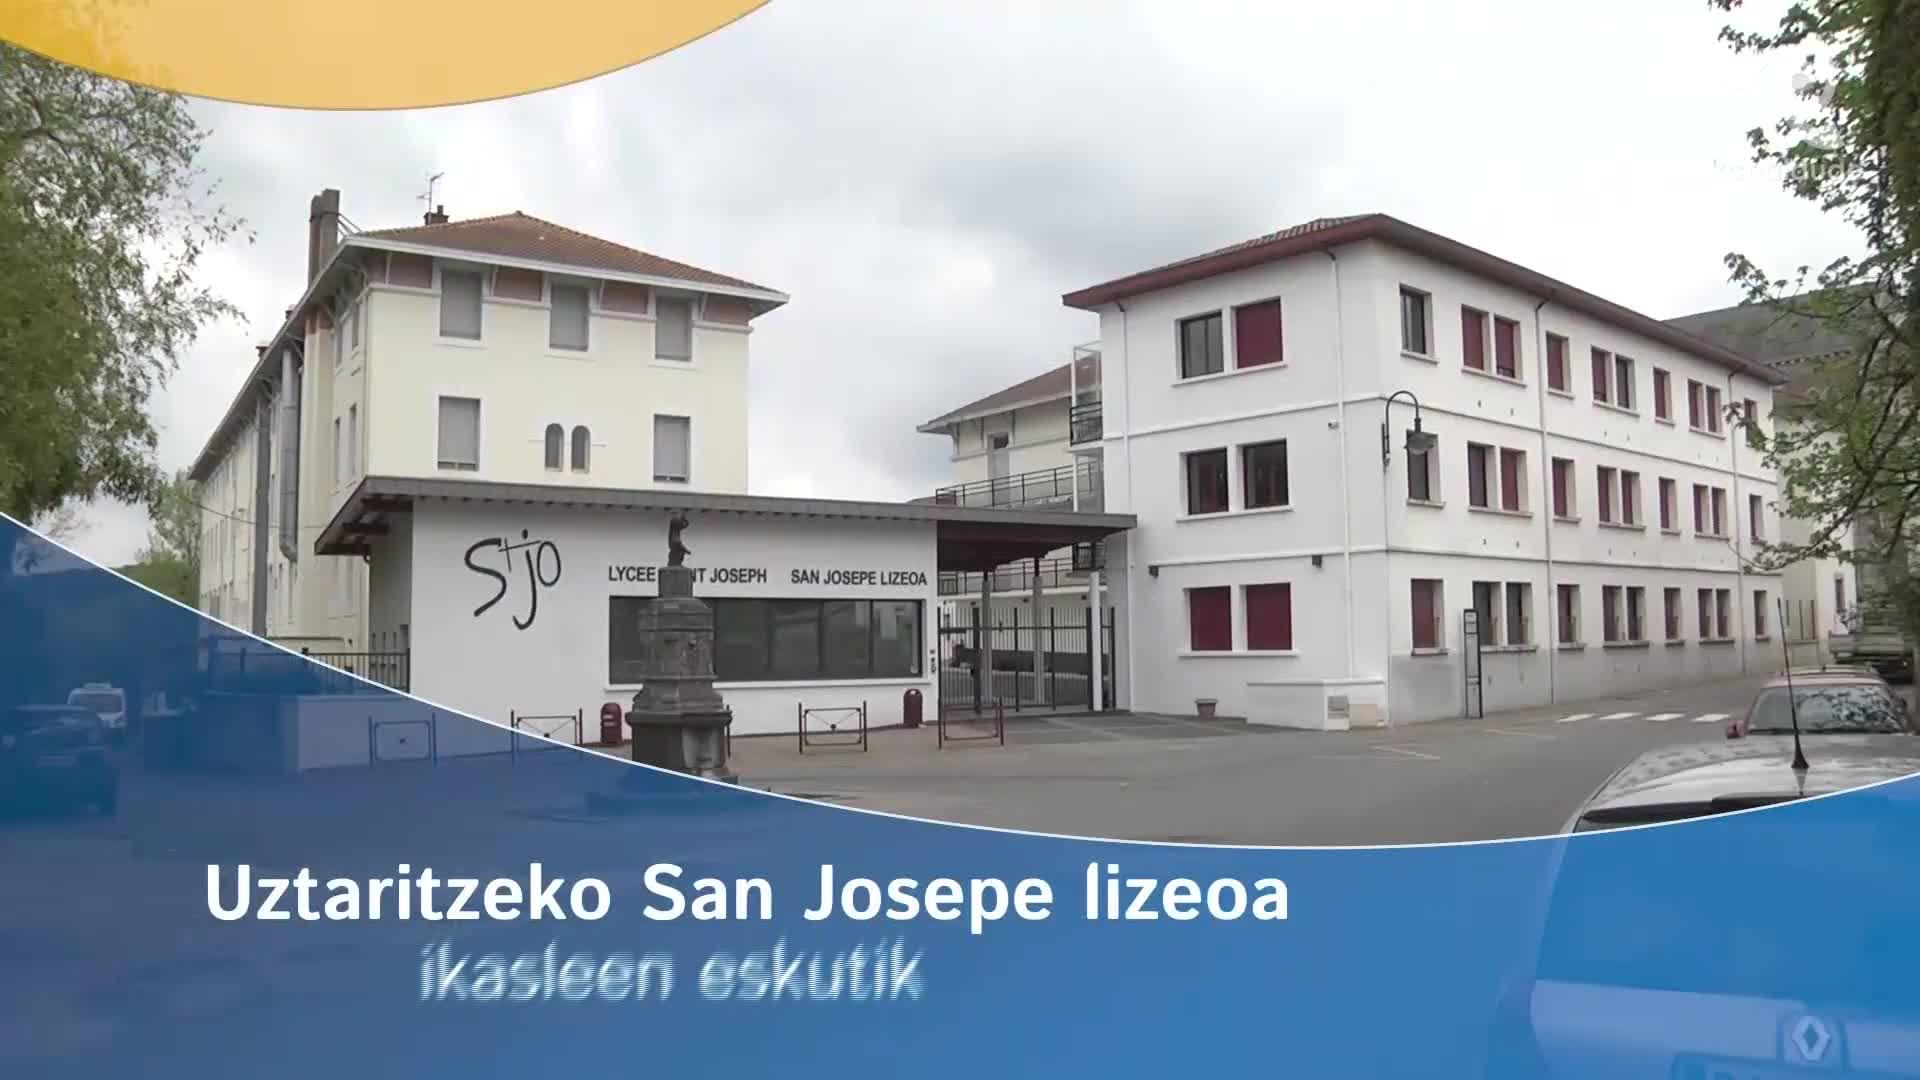 Uztaritzeko San Josepe lizeoa ikasleen eskutik